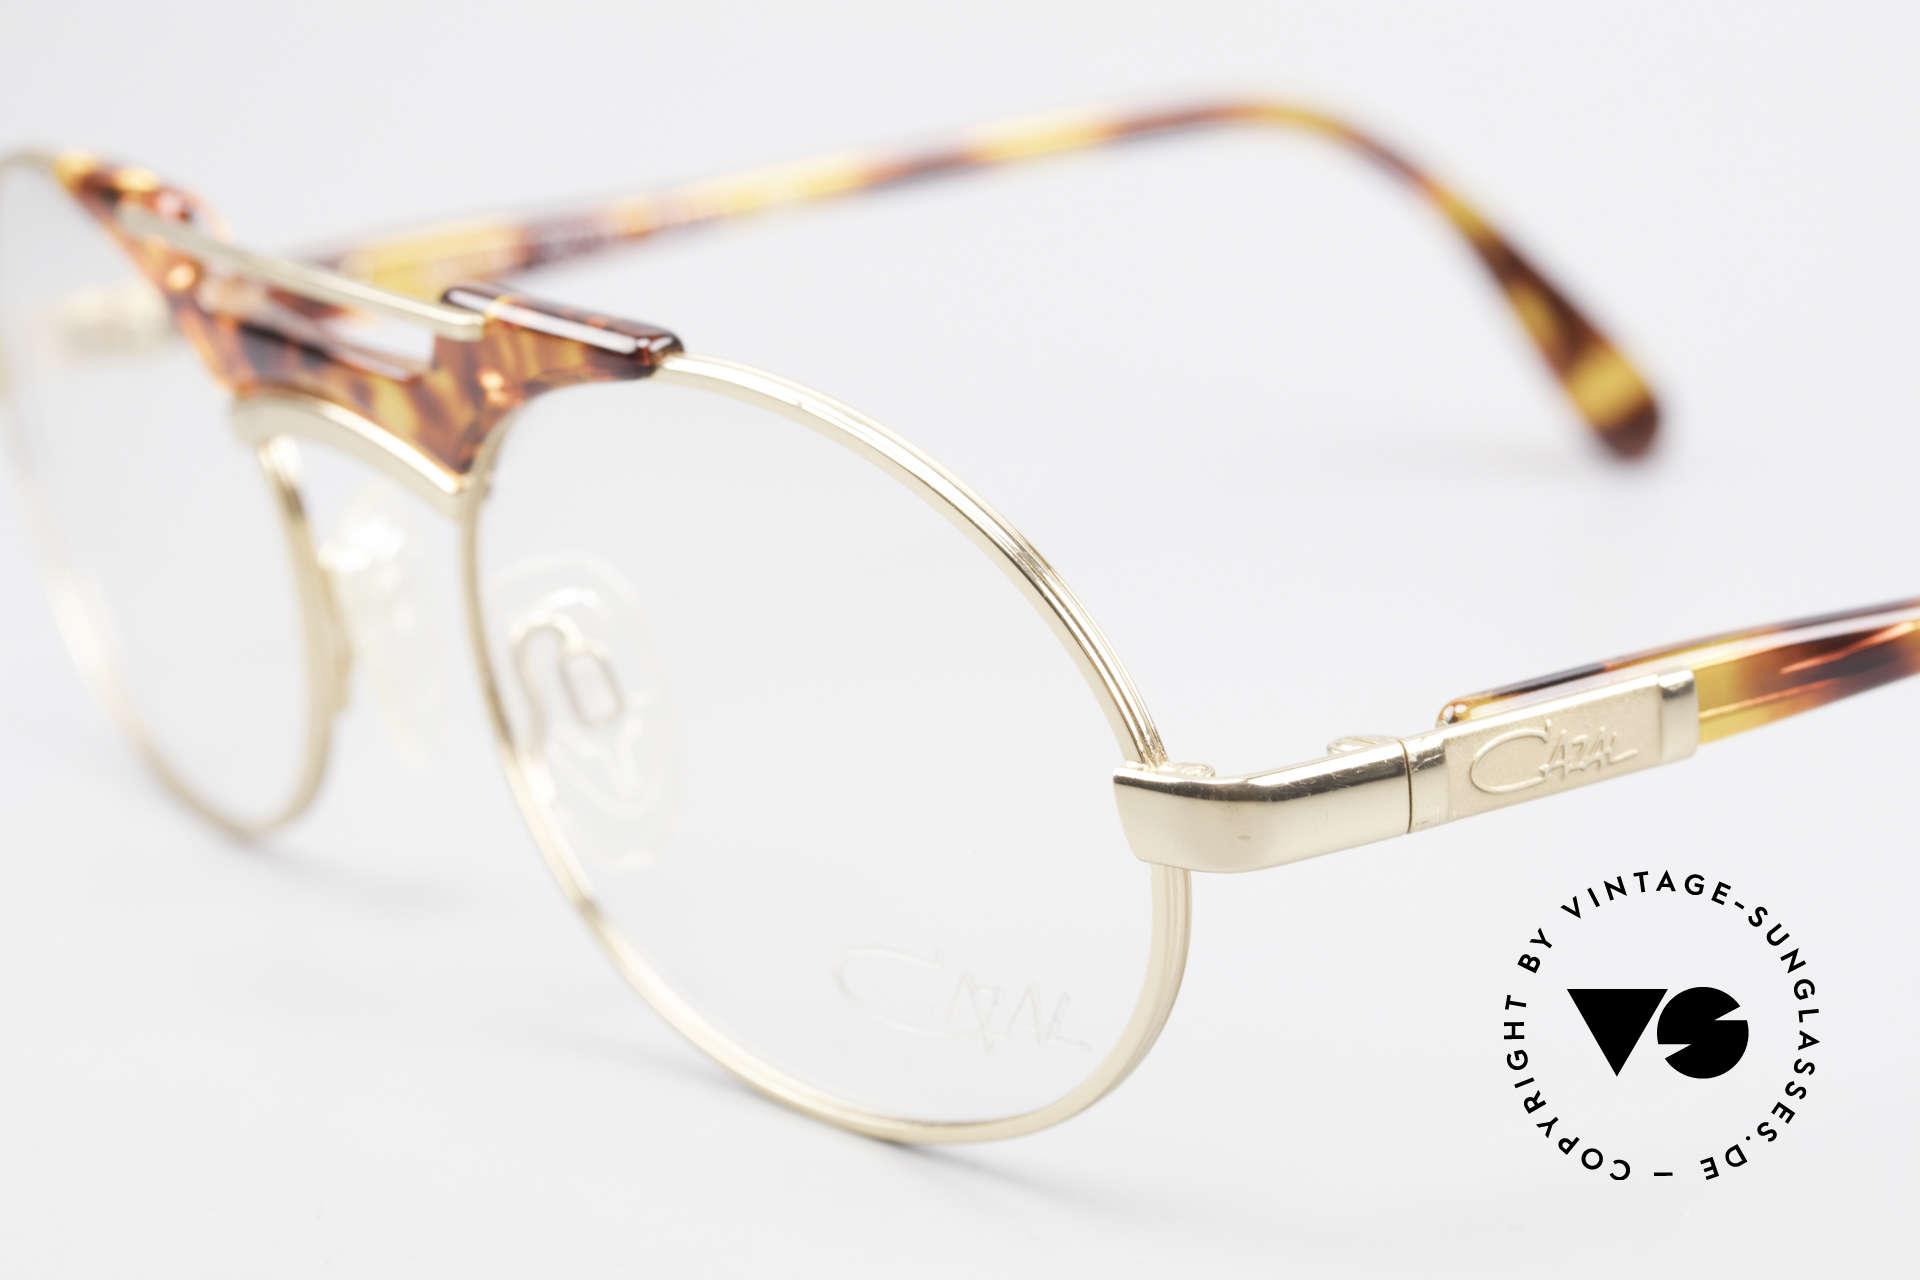 Cazal 749 Ovale Designer Brille Unisex, ungetragen (wie alle unsere vintage 90er Cazals), Passend für Herren und Damen